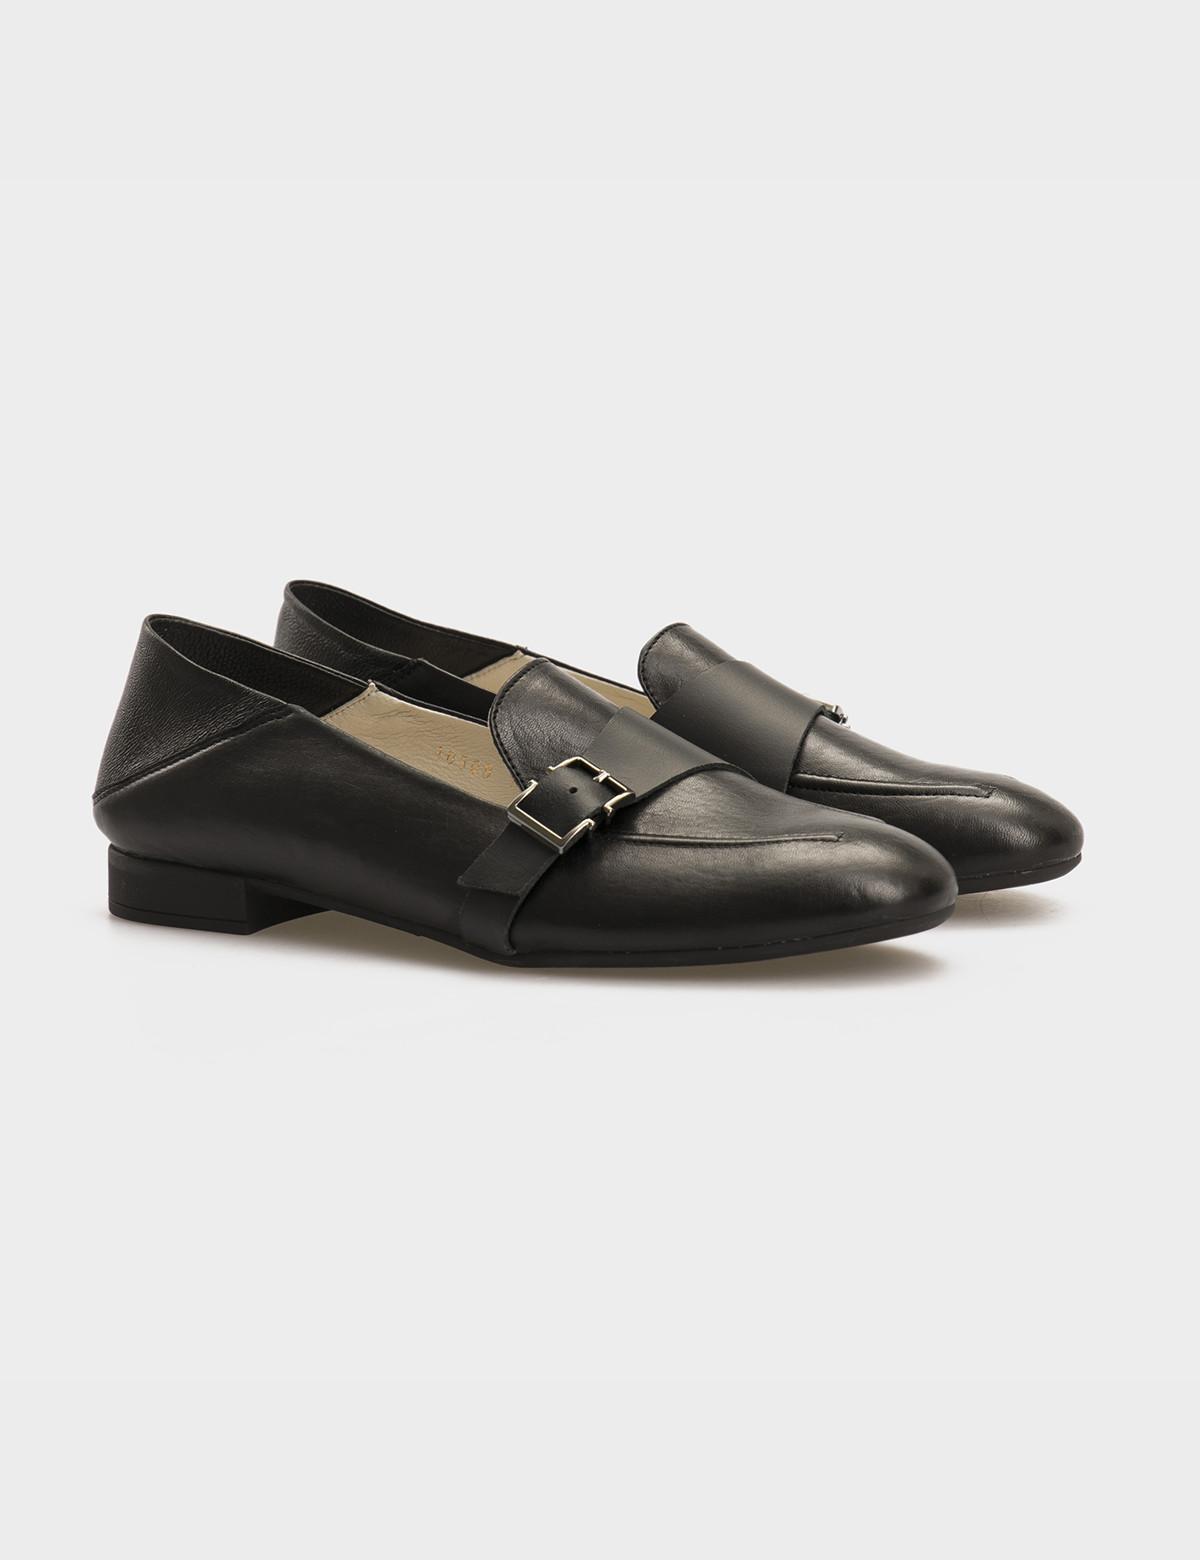 Туфли черные, натуральная кожа 1